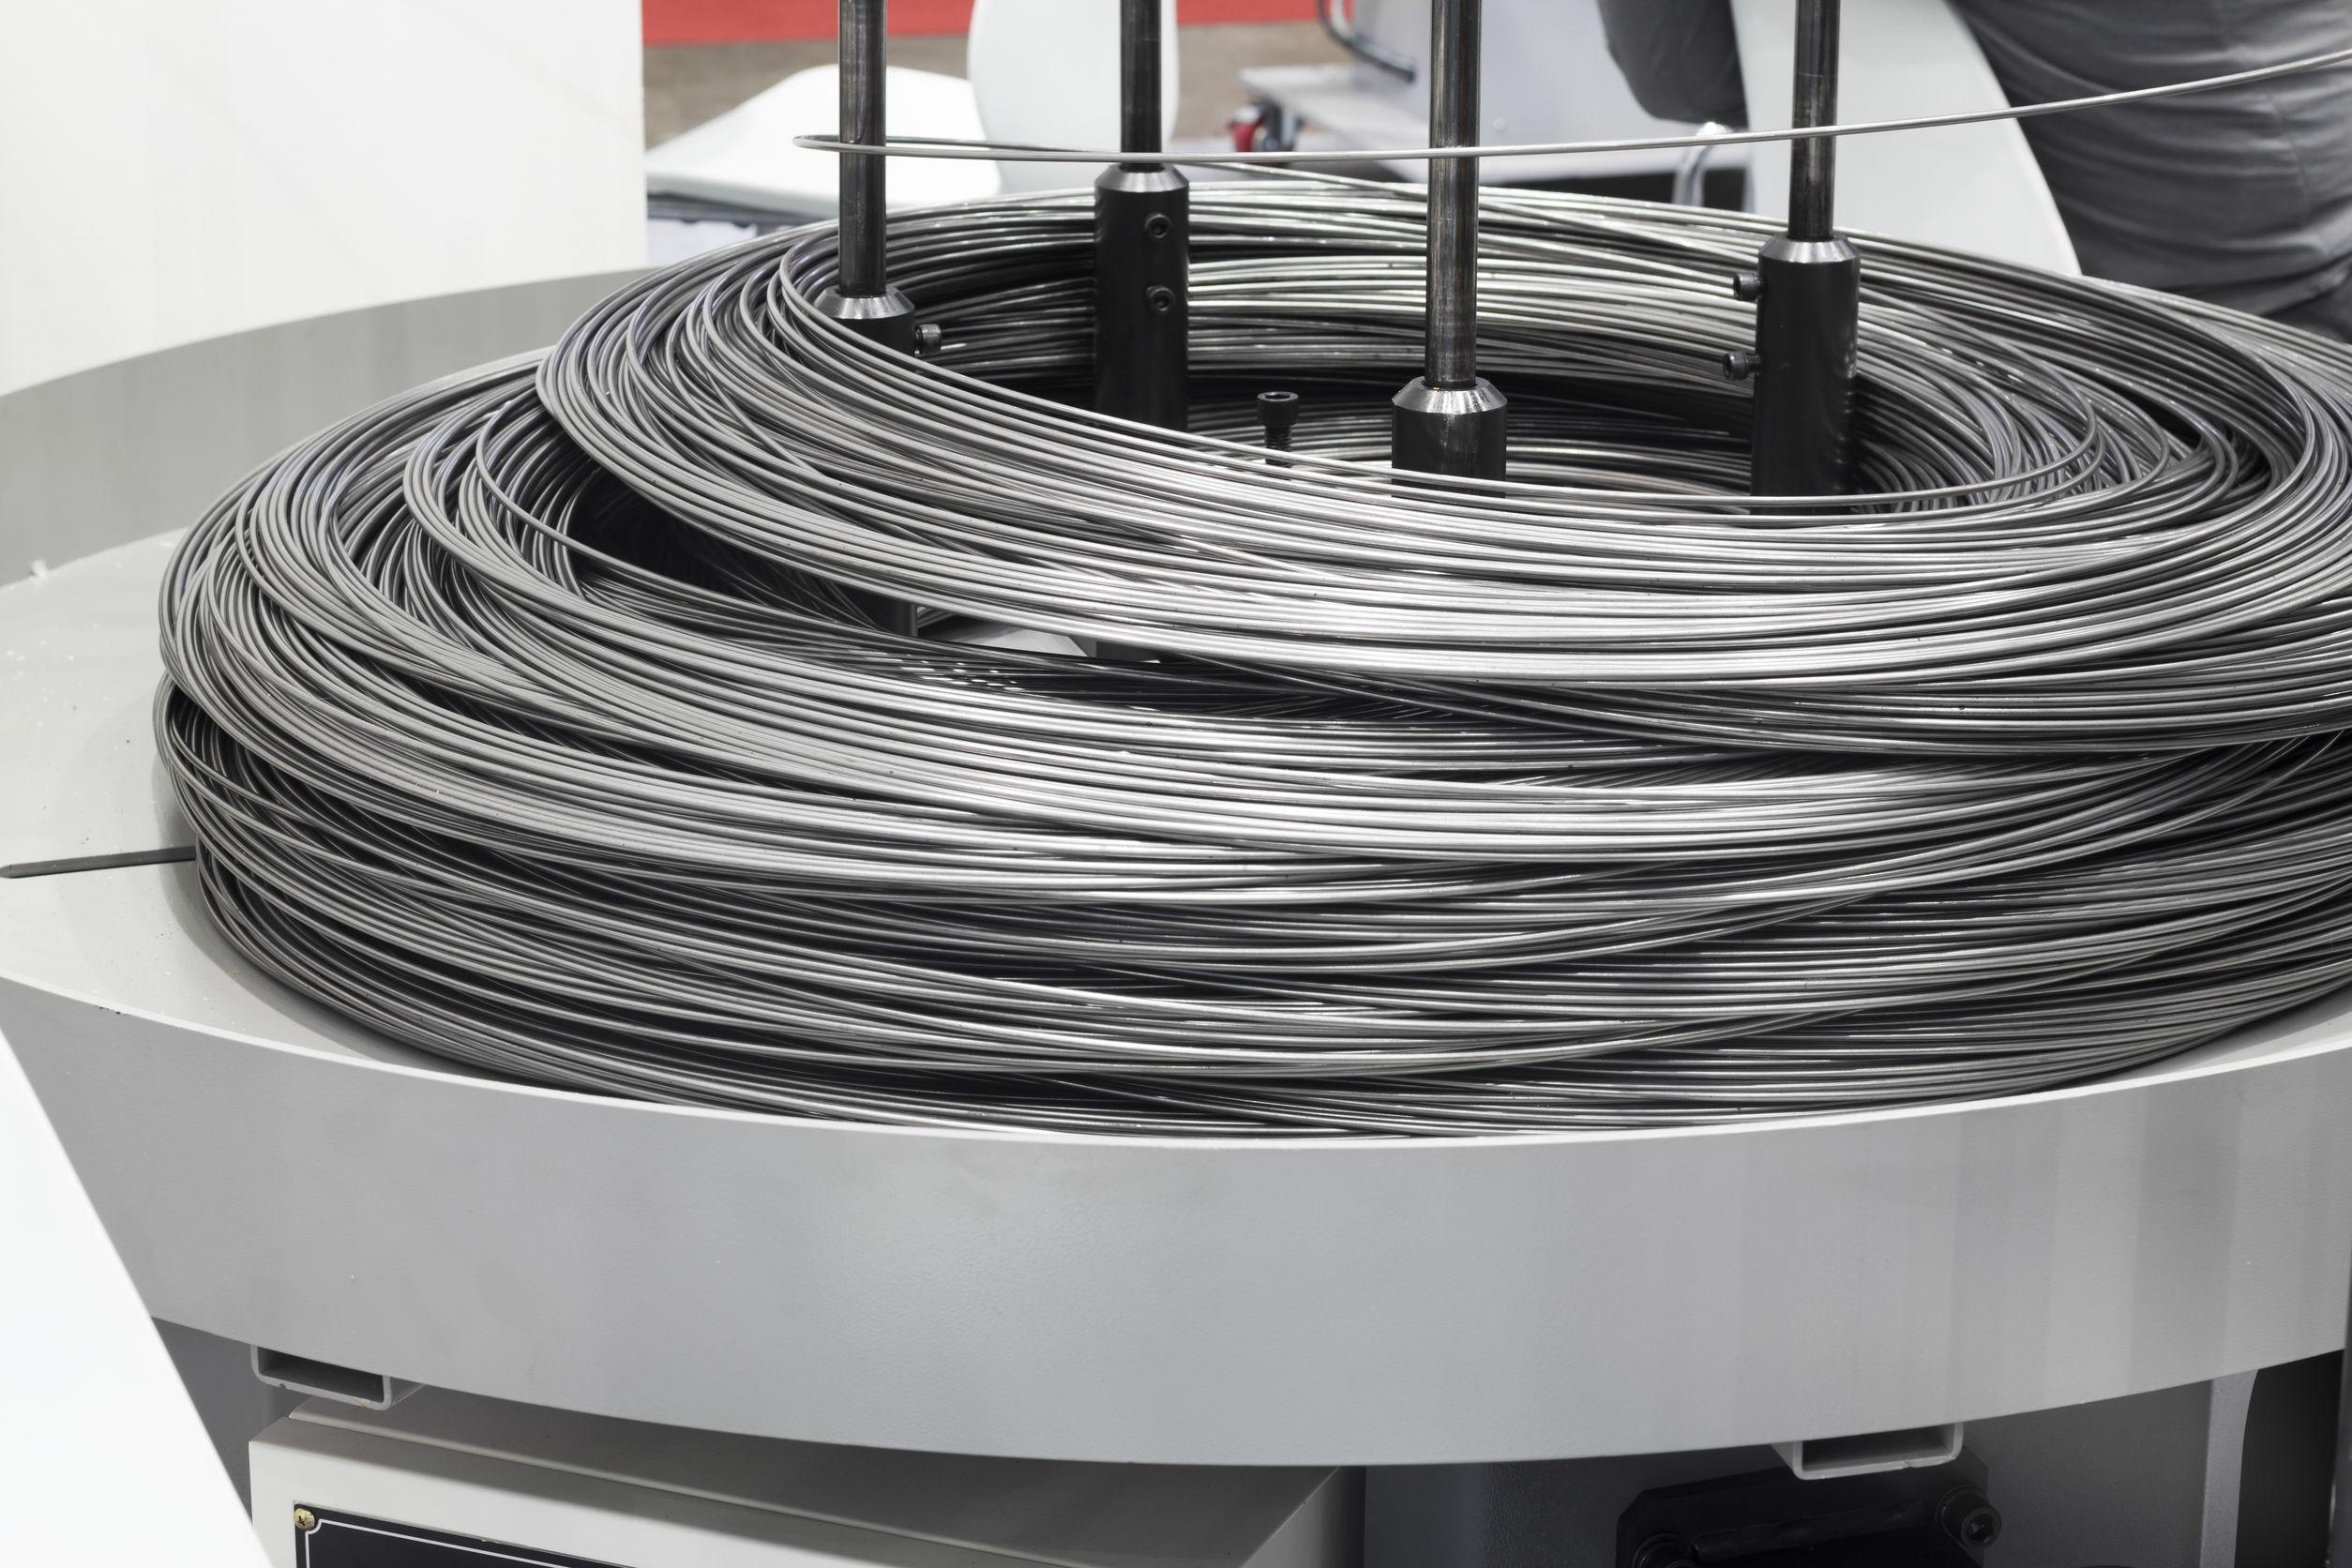 Imagem de rolo de arame galvanizado sendo utilizado em máquina industrial